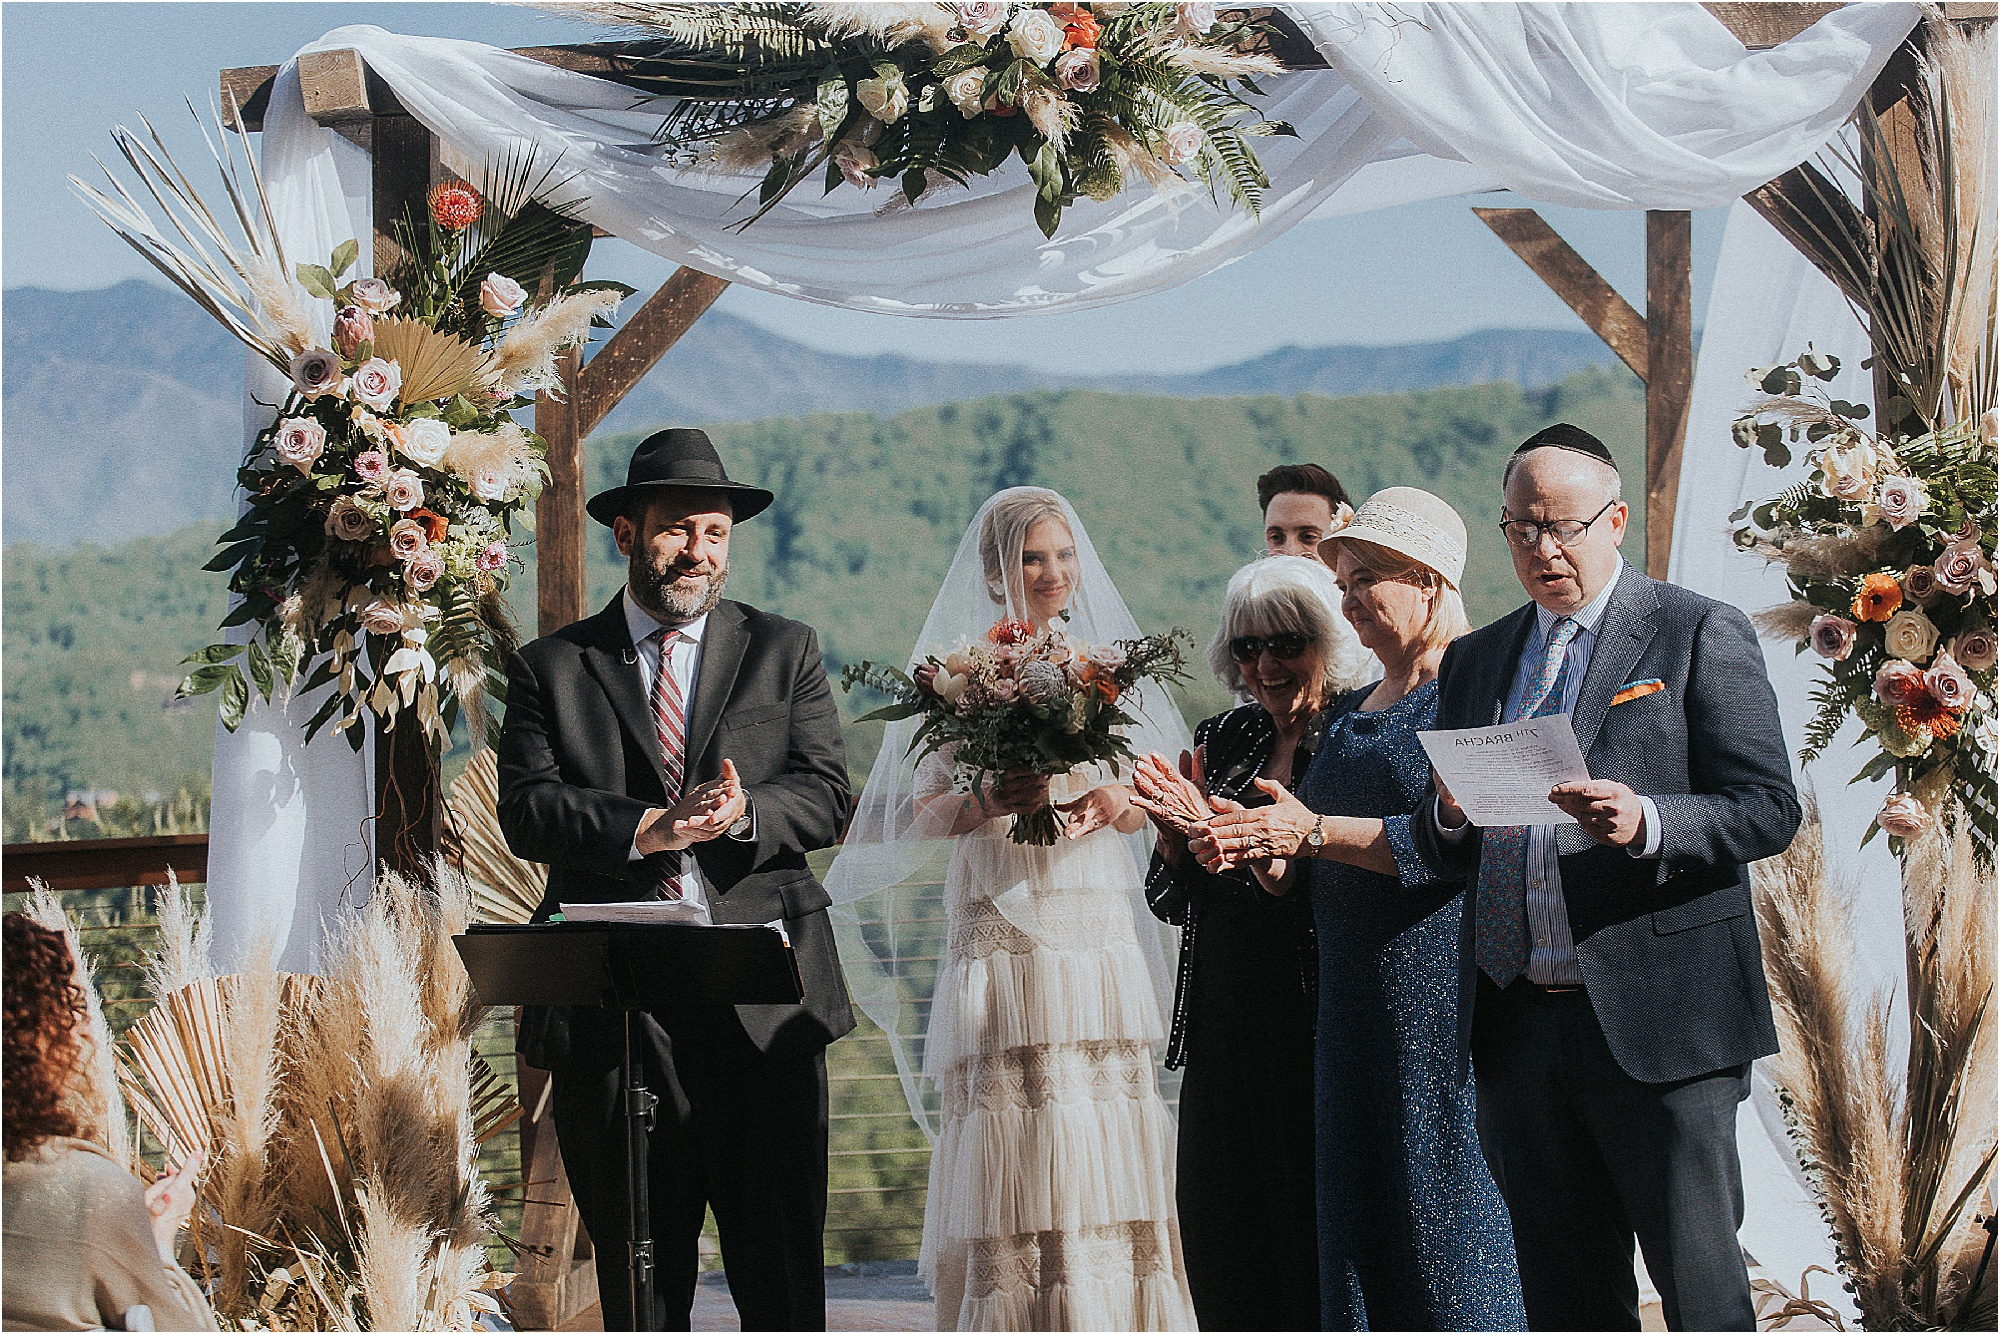 Jewish wedding ceremony under white Huppah